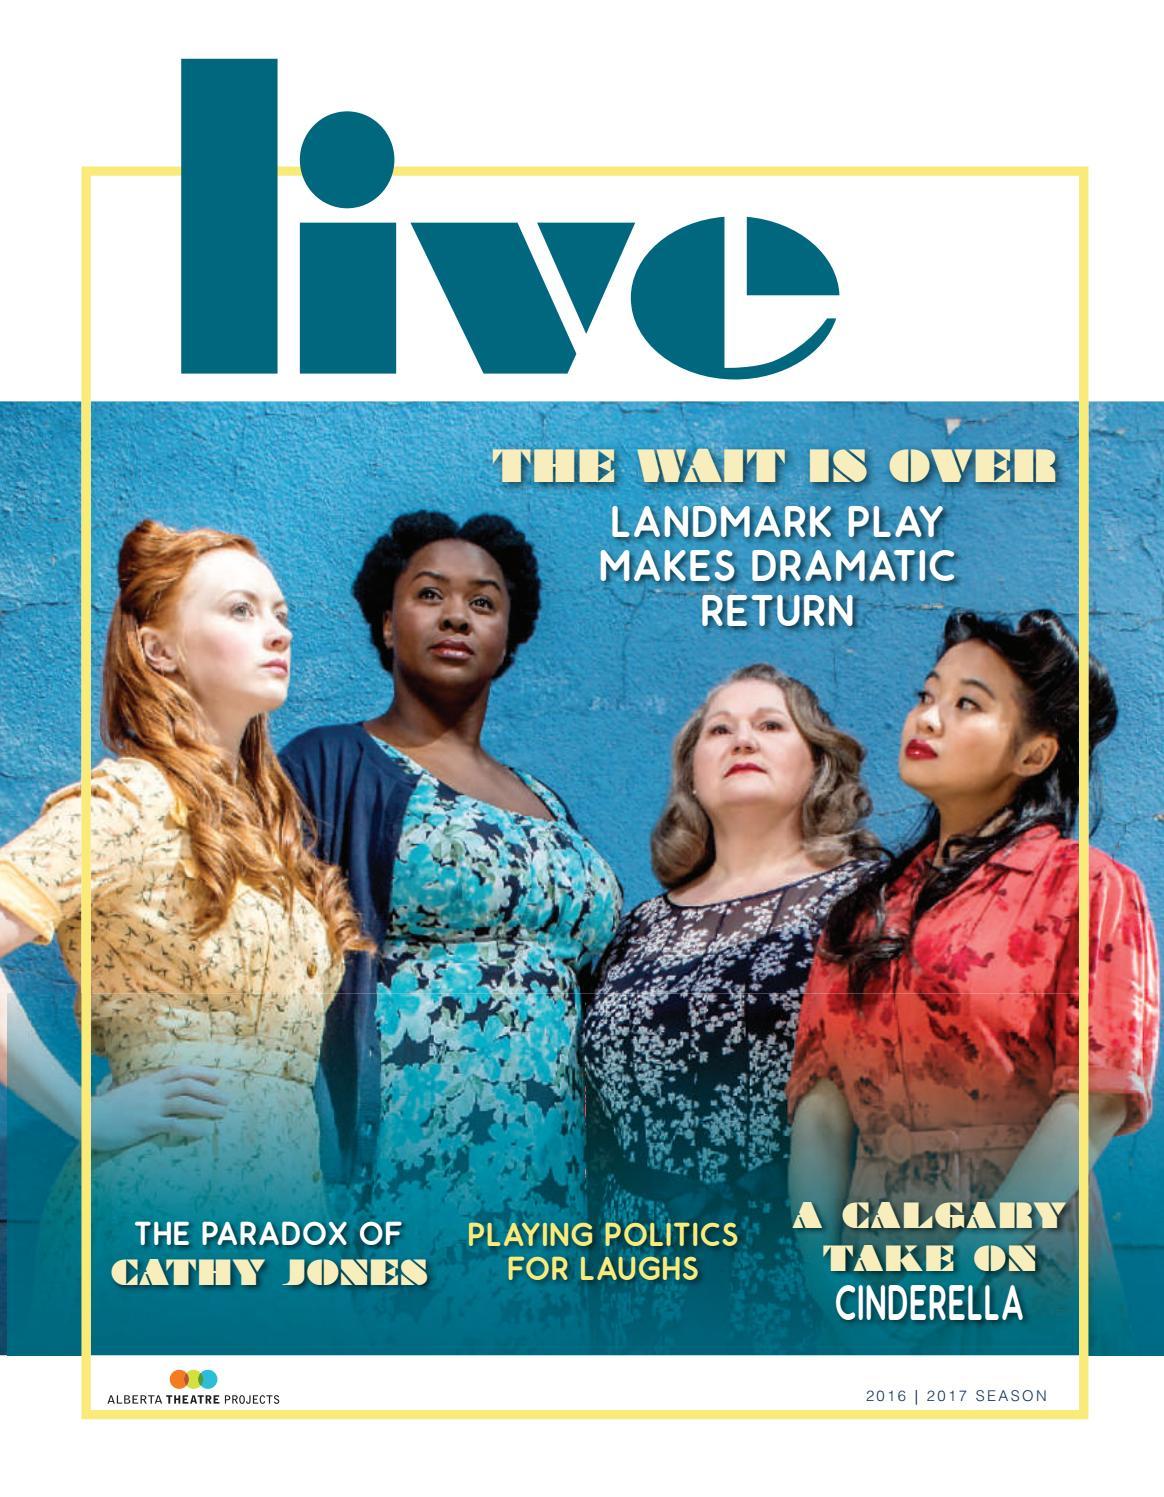 live-magazine-alberta-theatre-project